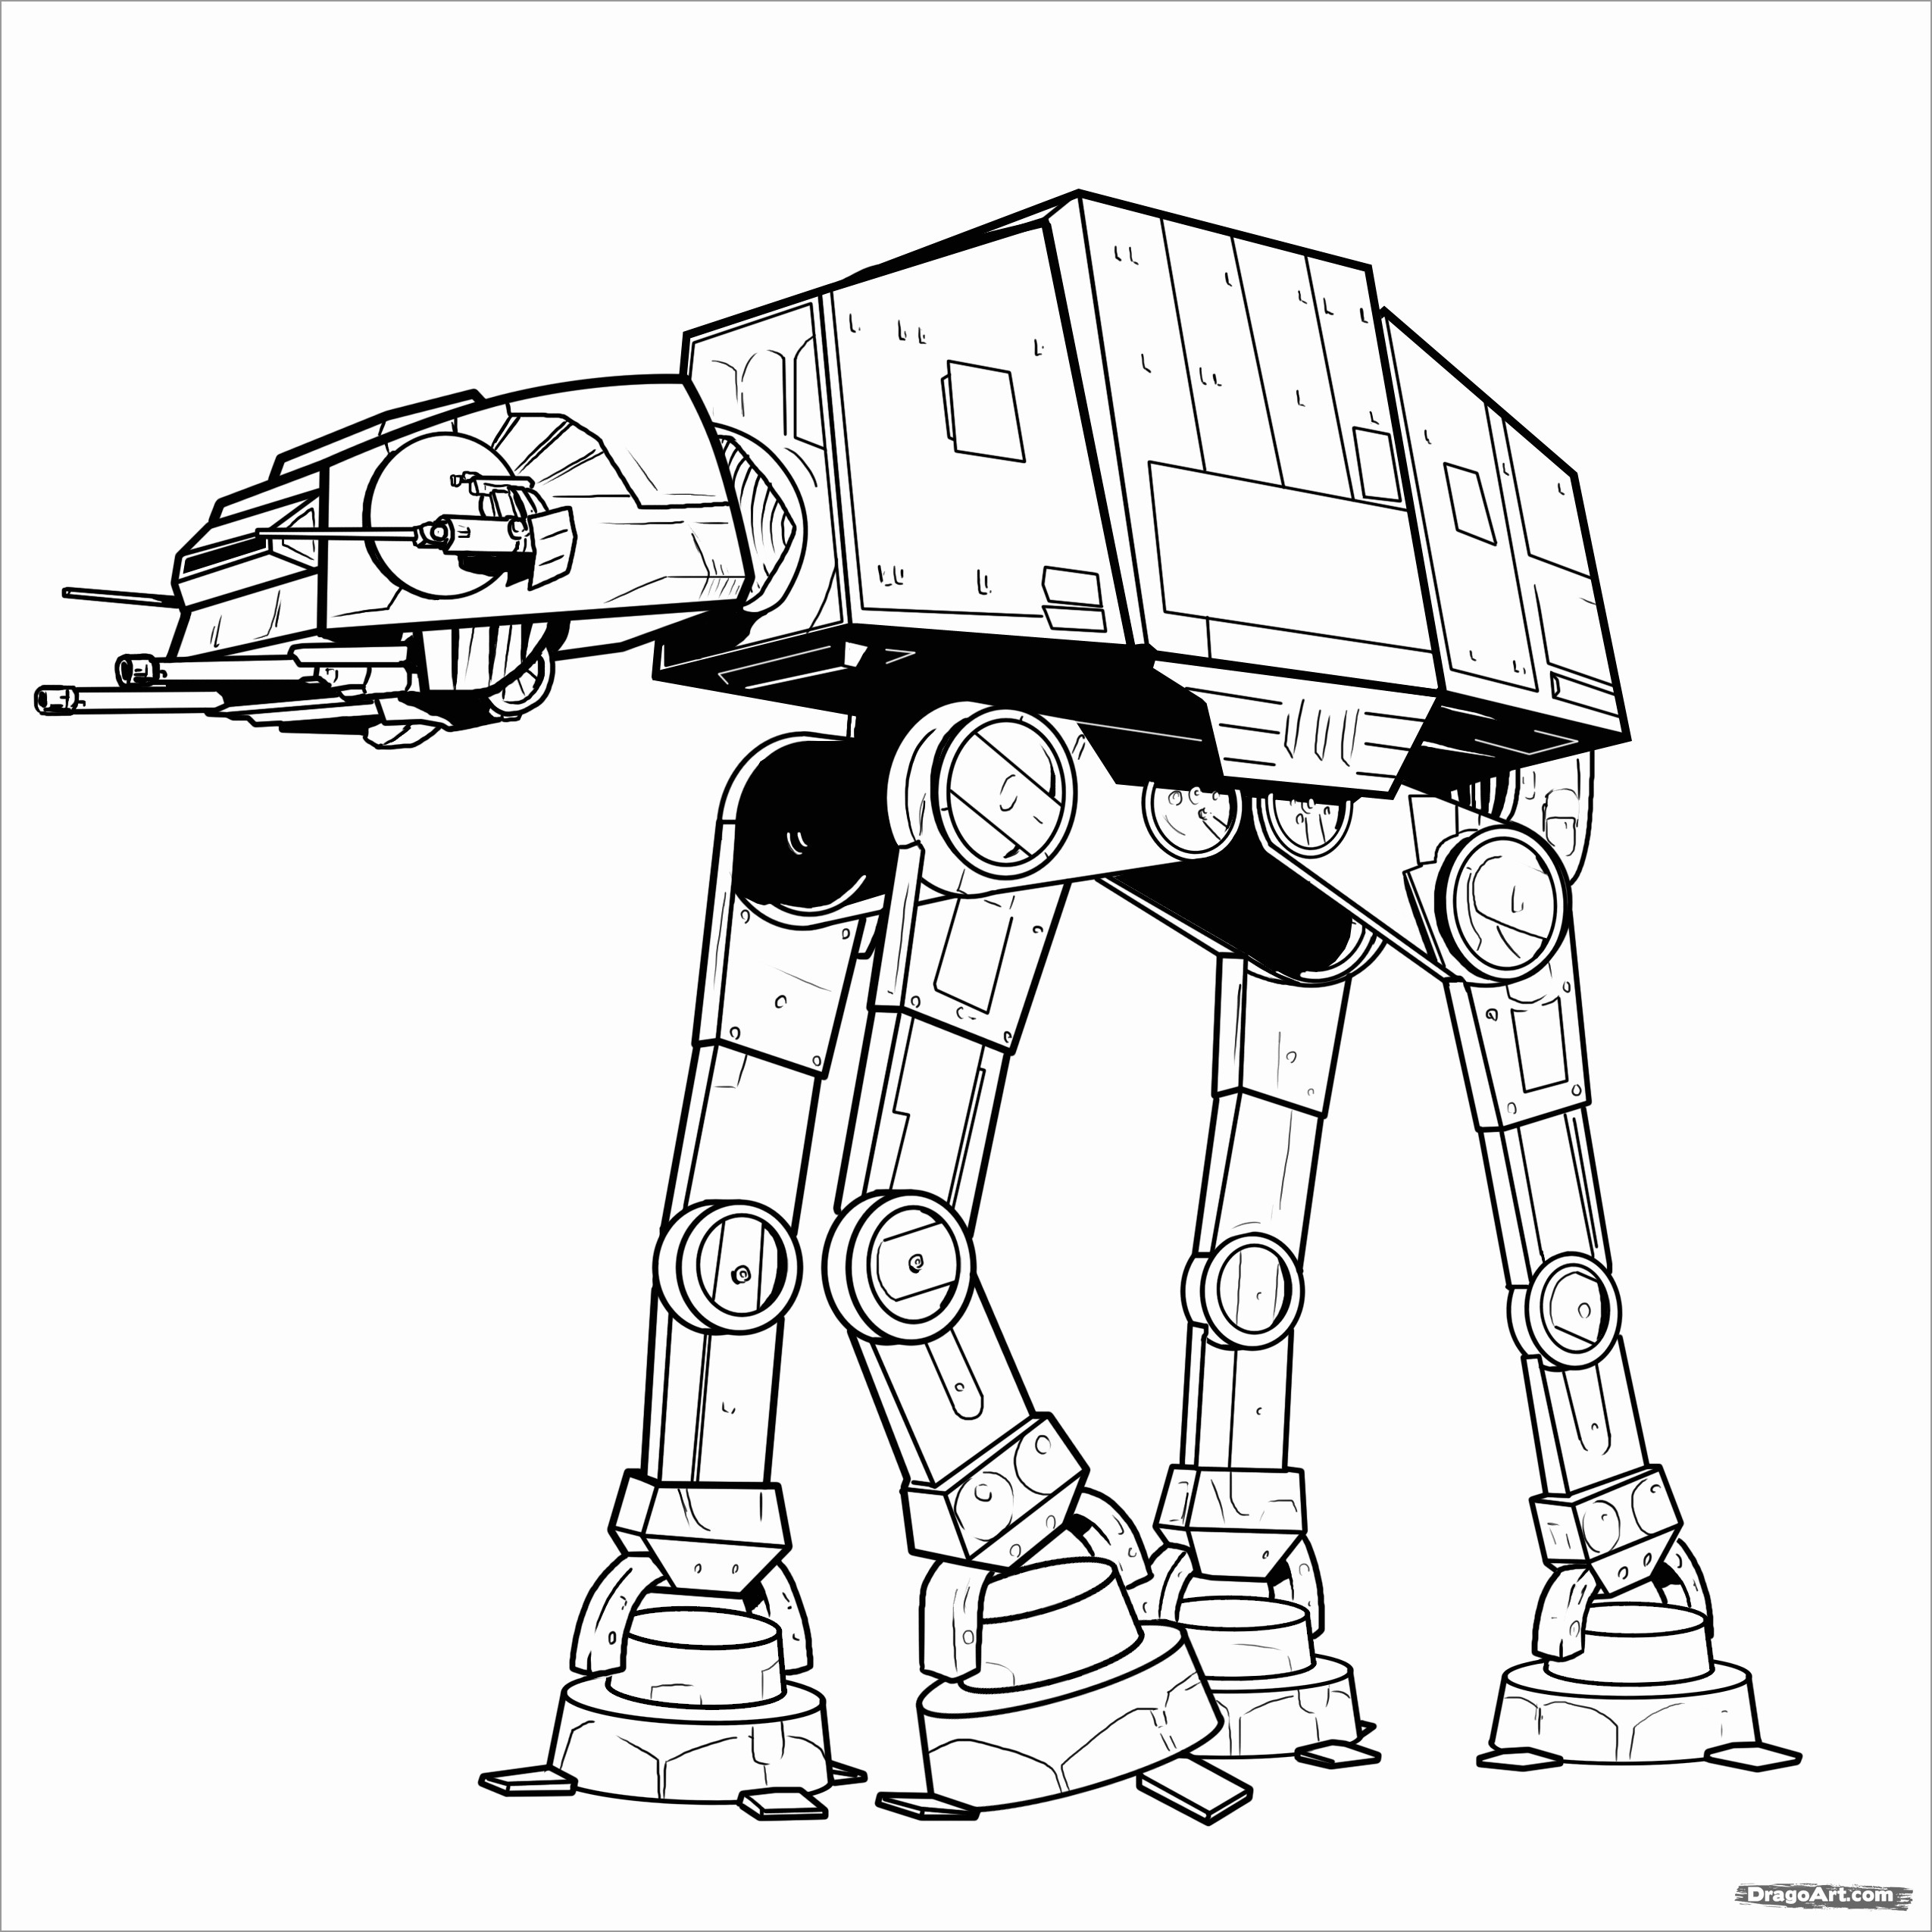 Star Wars Coloring Pages at-at - ColoringBay